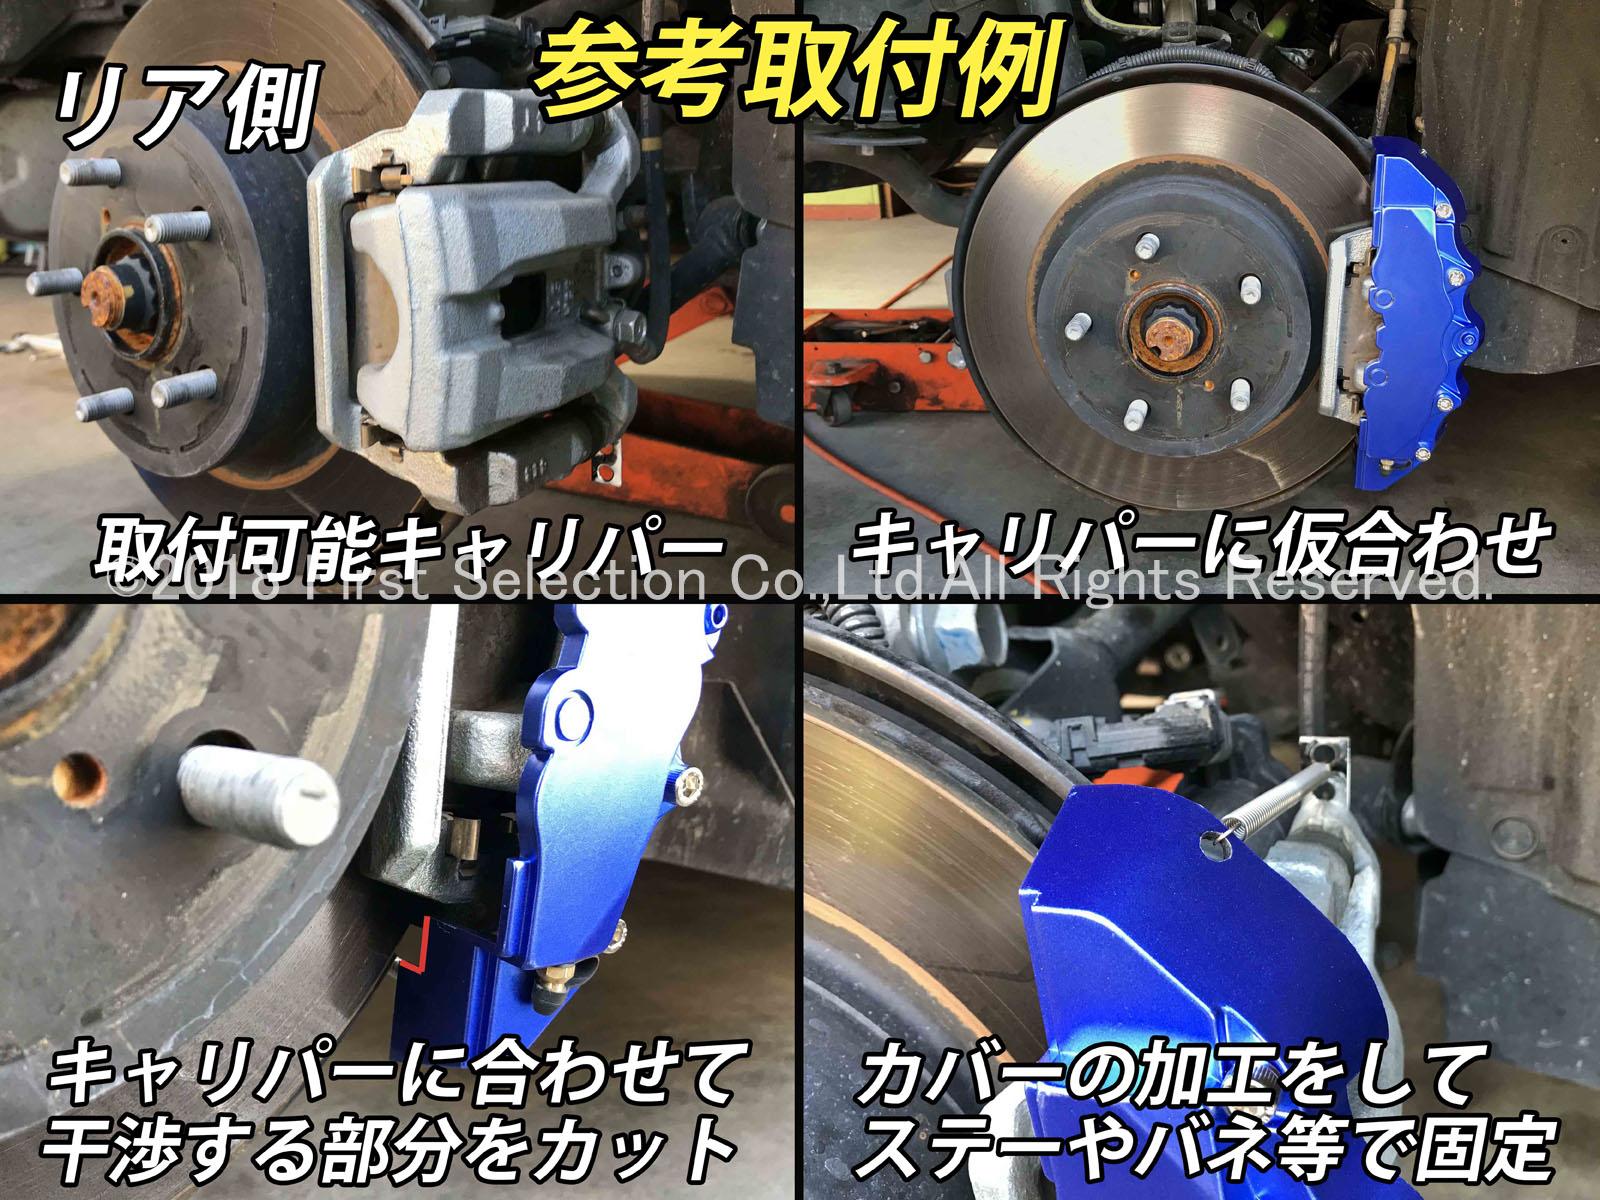 トヨタ車アルファード ALPHARDロゴ銀文字 汎用高品質キャリパーカバーM青 L/Mサイズセット